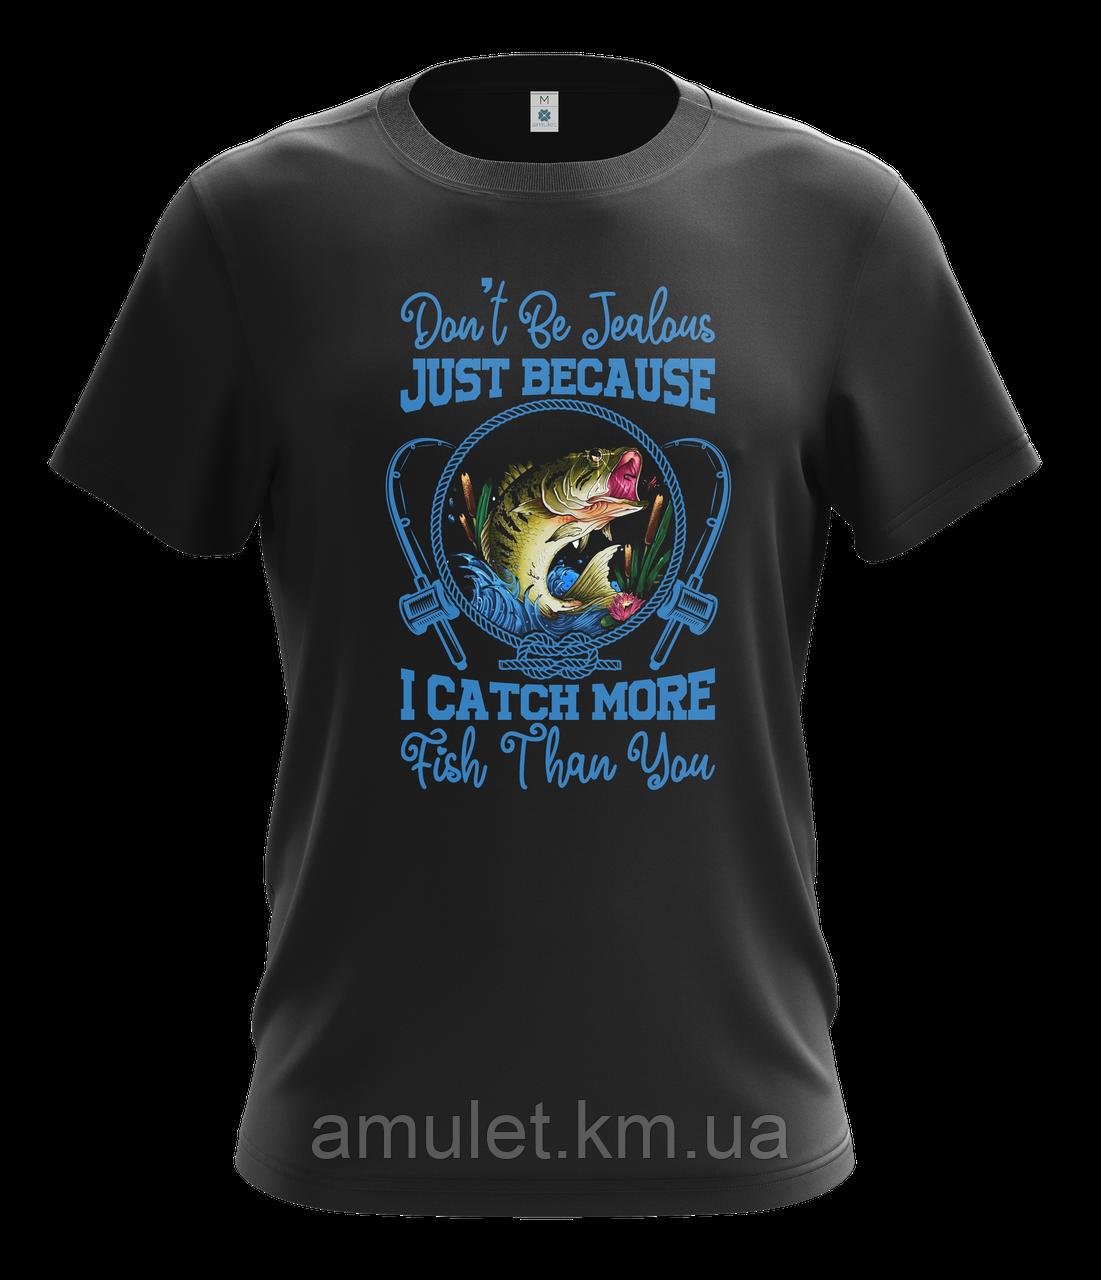 """Мужская футболка для охотников с принтом """"Охота """" черная"""